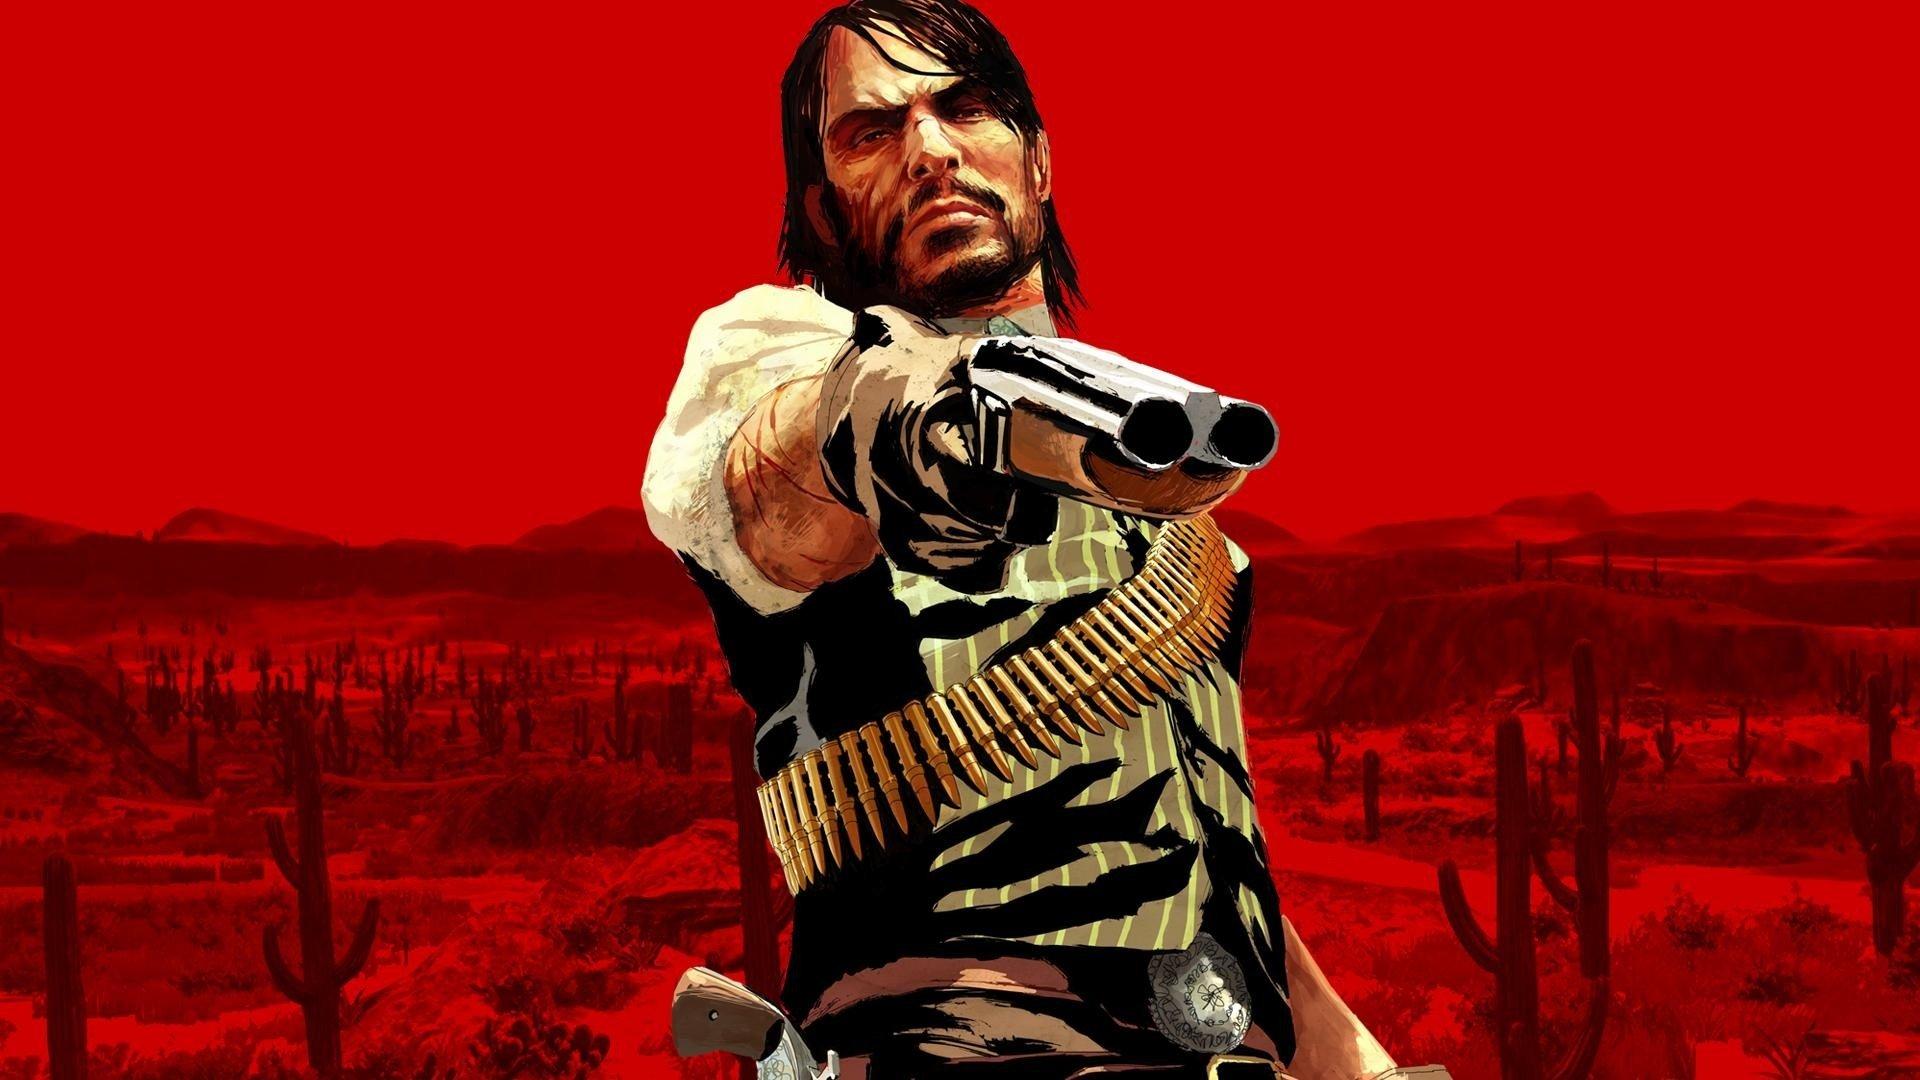 چرا بازی Red Dead Redemption برای رایانههای شخصی منتشر نشد؟